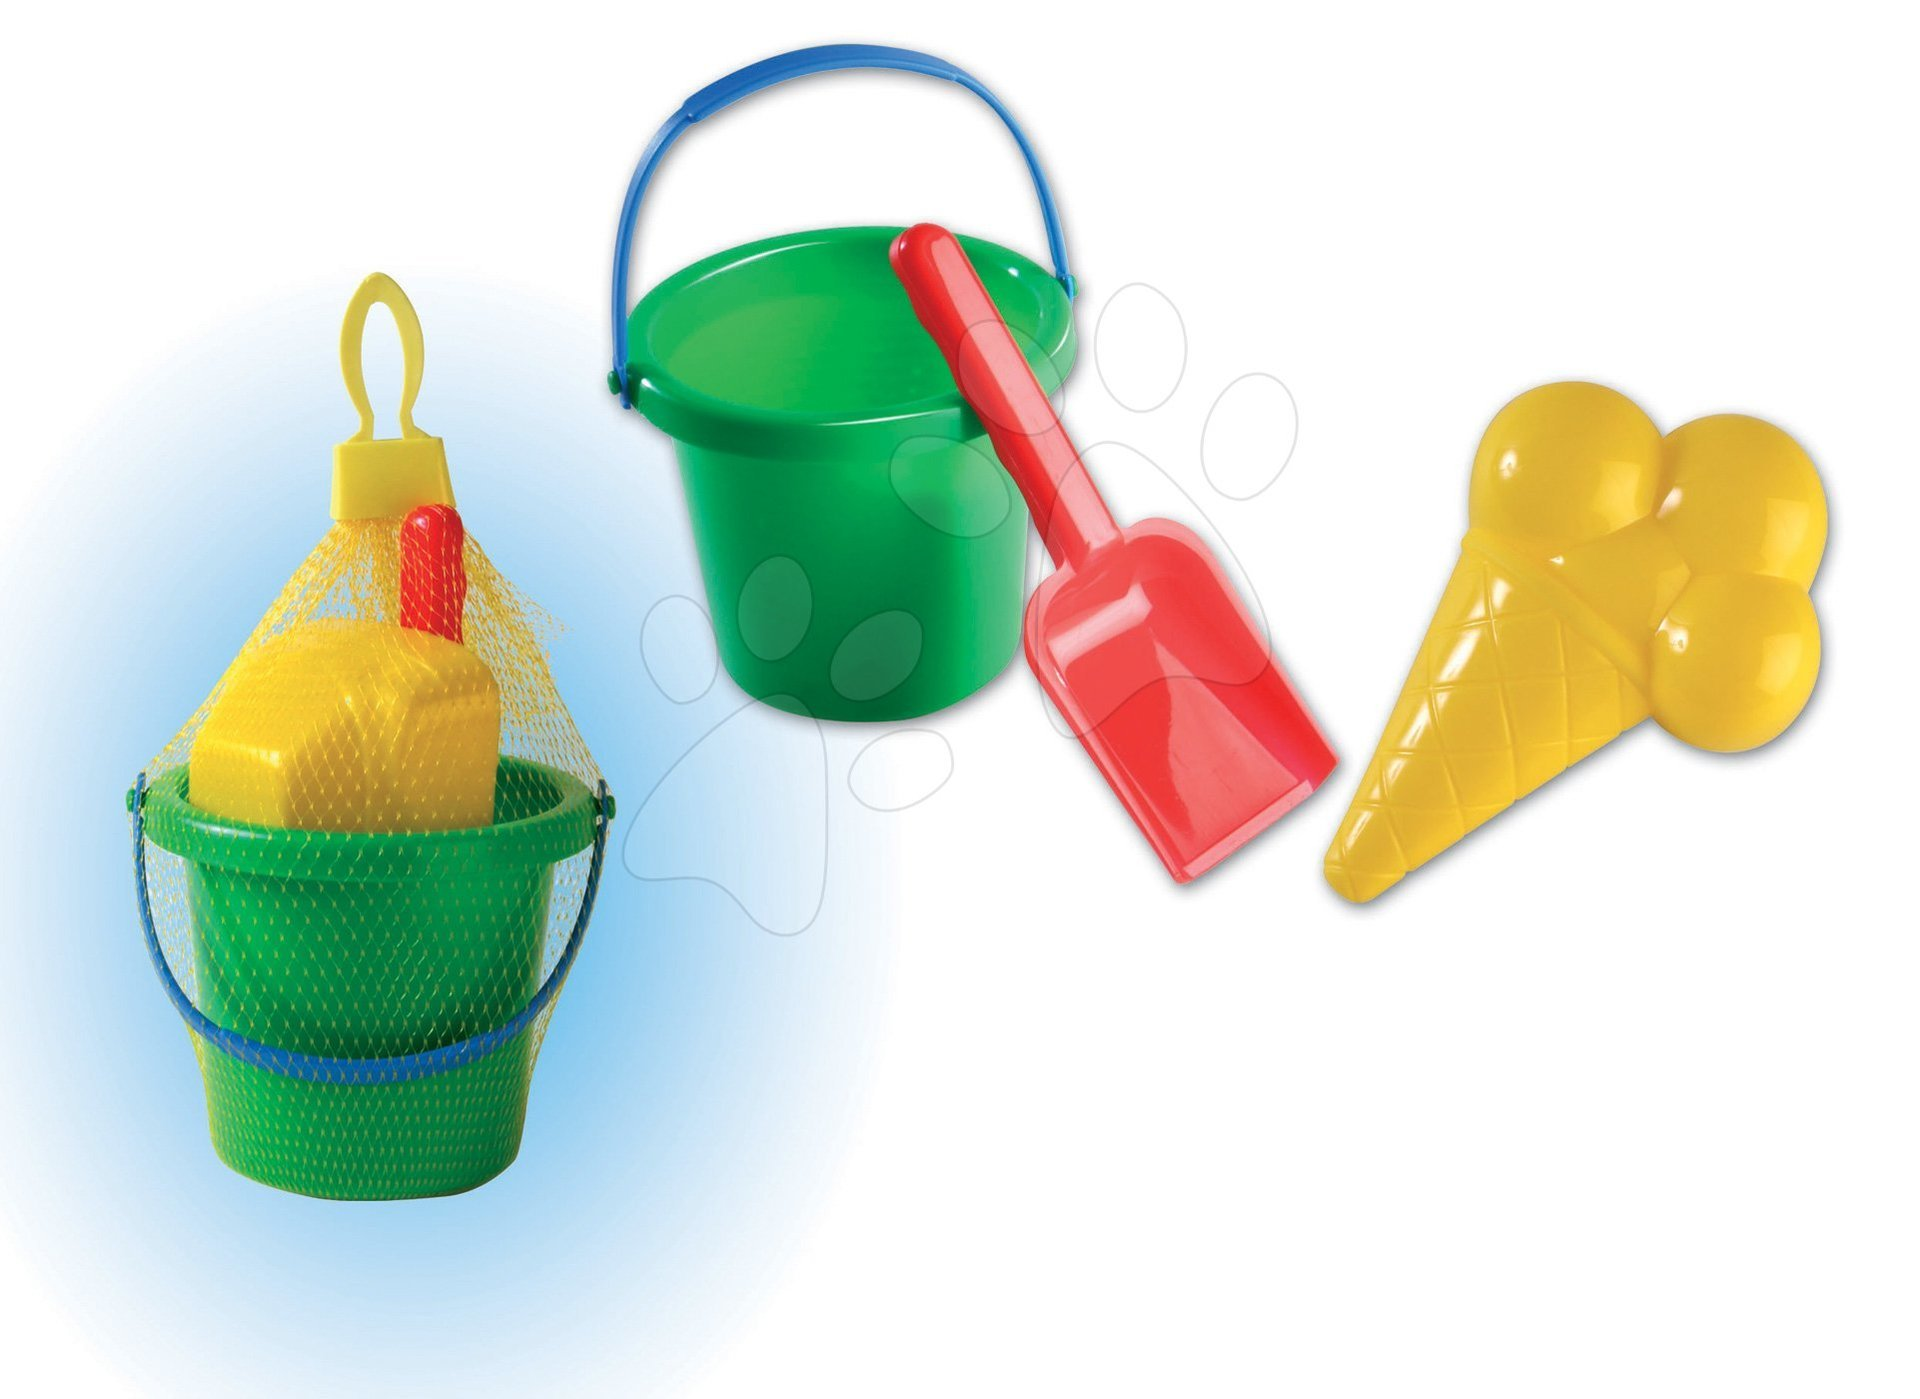 Kbelíky do písku - Mini kbelík set Dohány zelený mini 3 díly